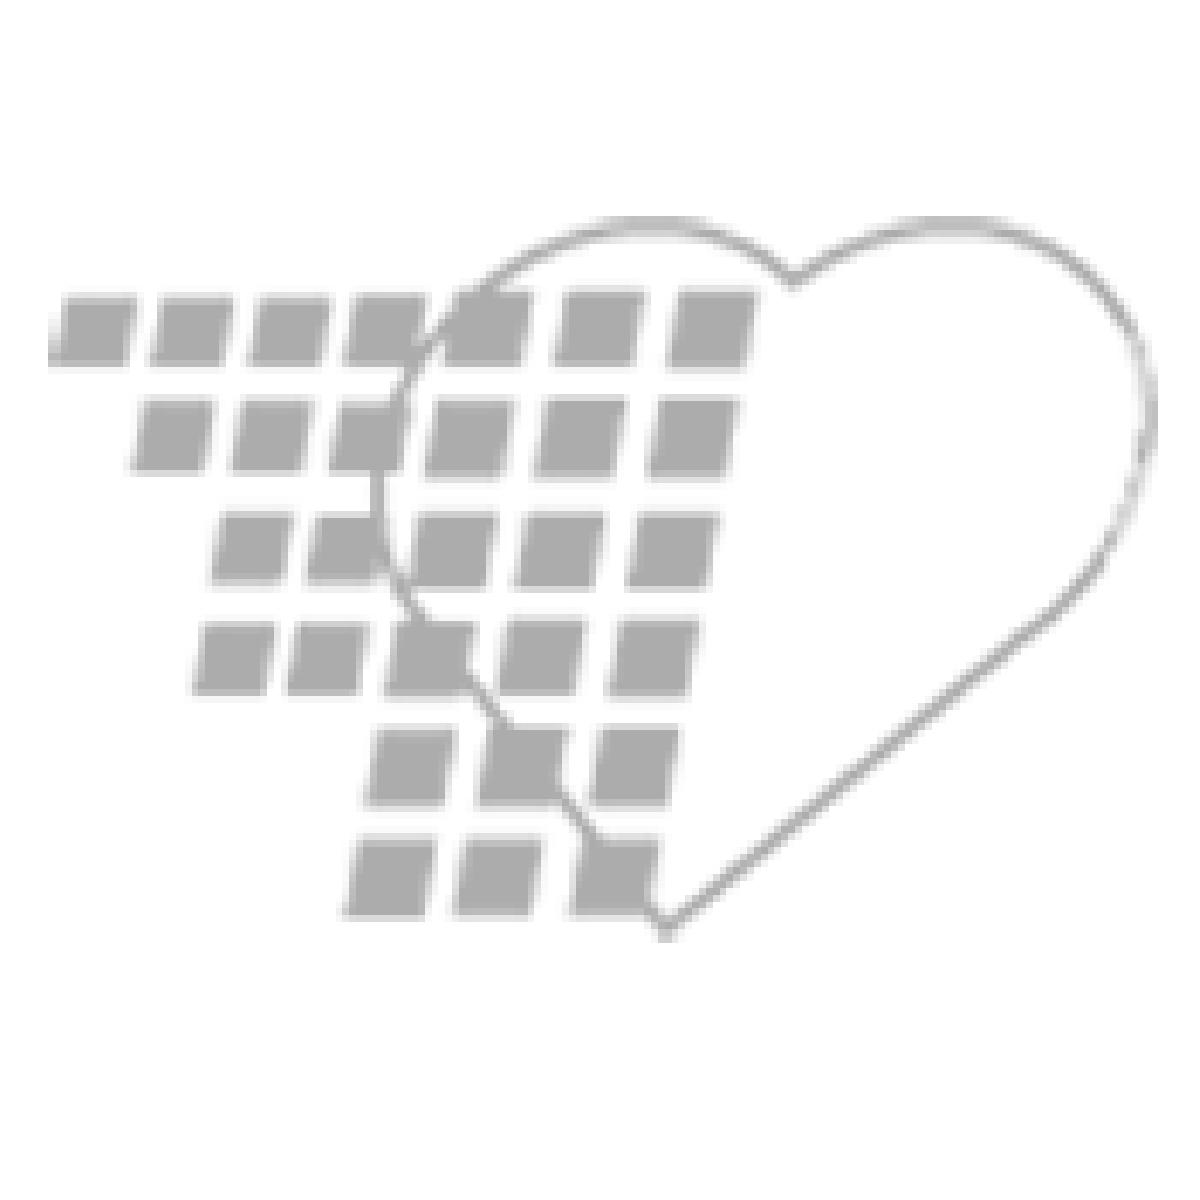 06-93-0049 - Demo Dose® Vasotc 5 mg - 100 Pills/Box